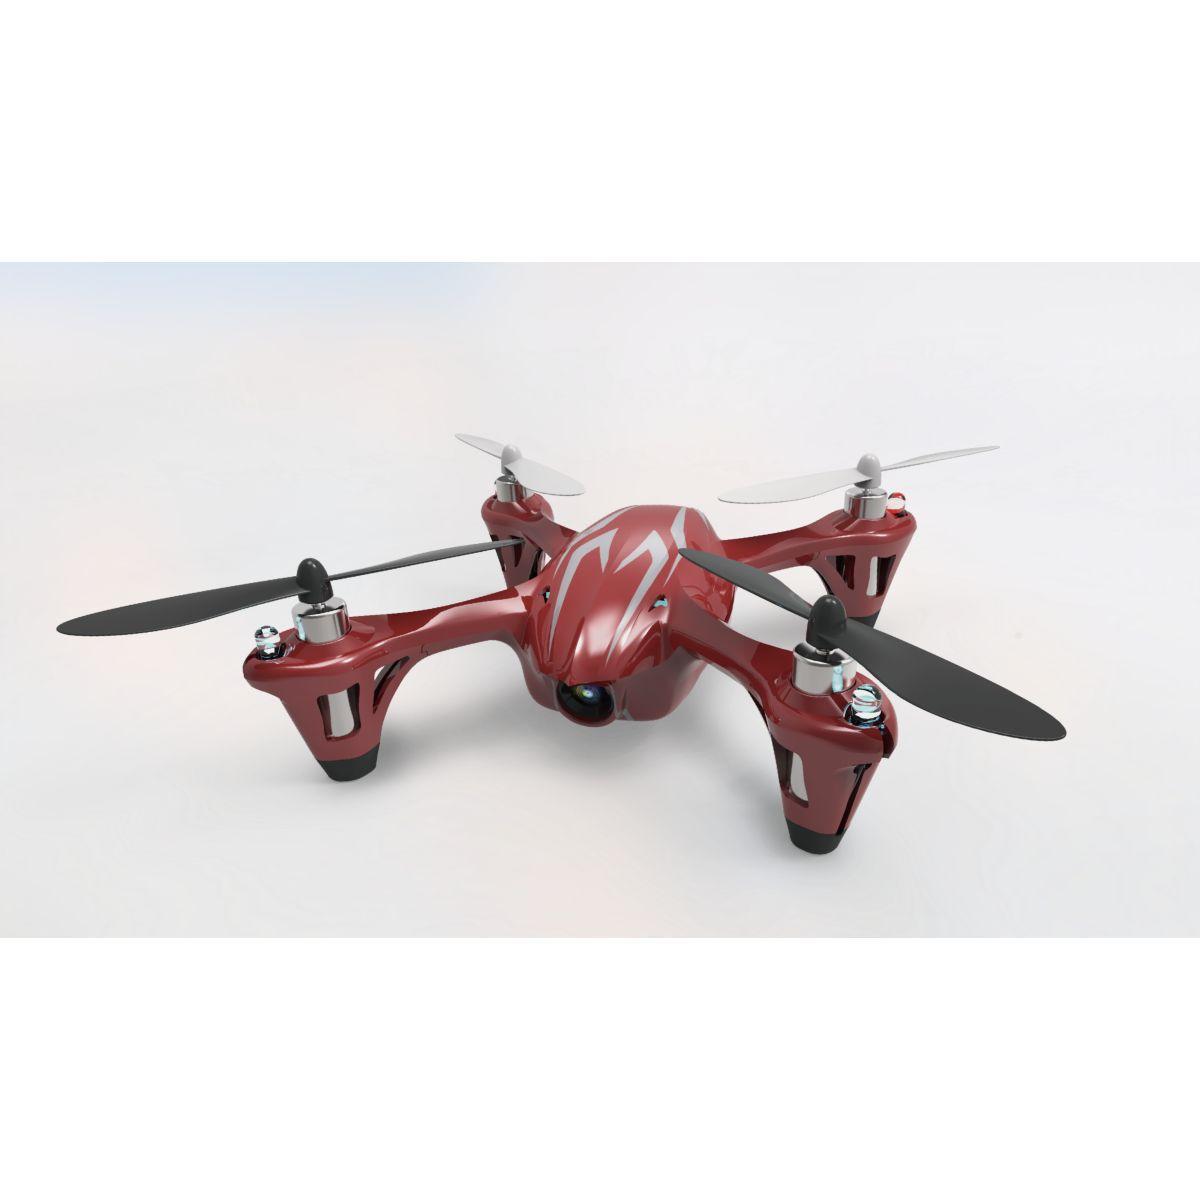 Drones hubsan x4 h107c rw - 7% de remise immédiate avec le code : cool7 (photo)